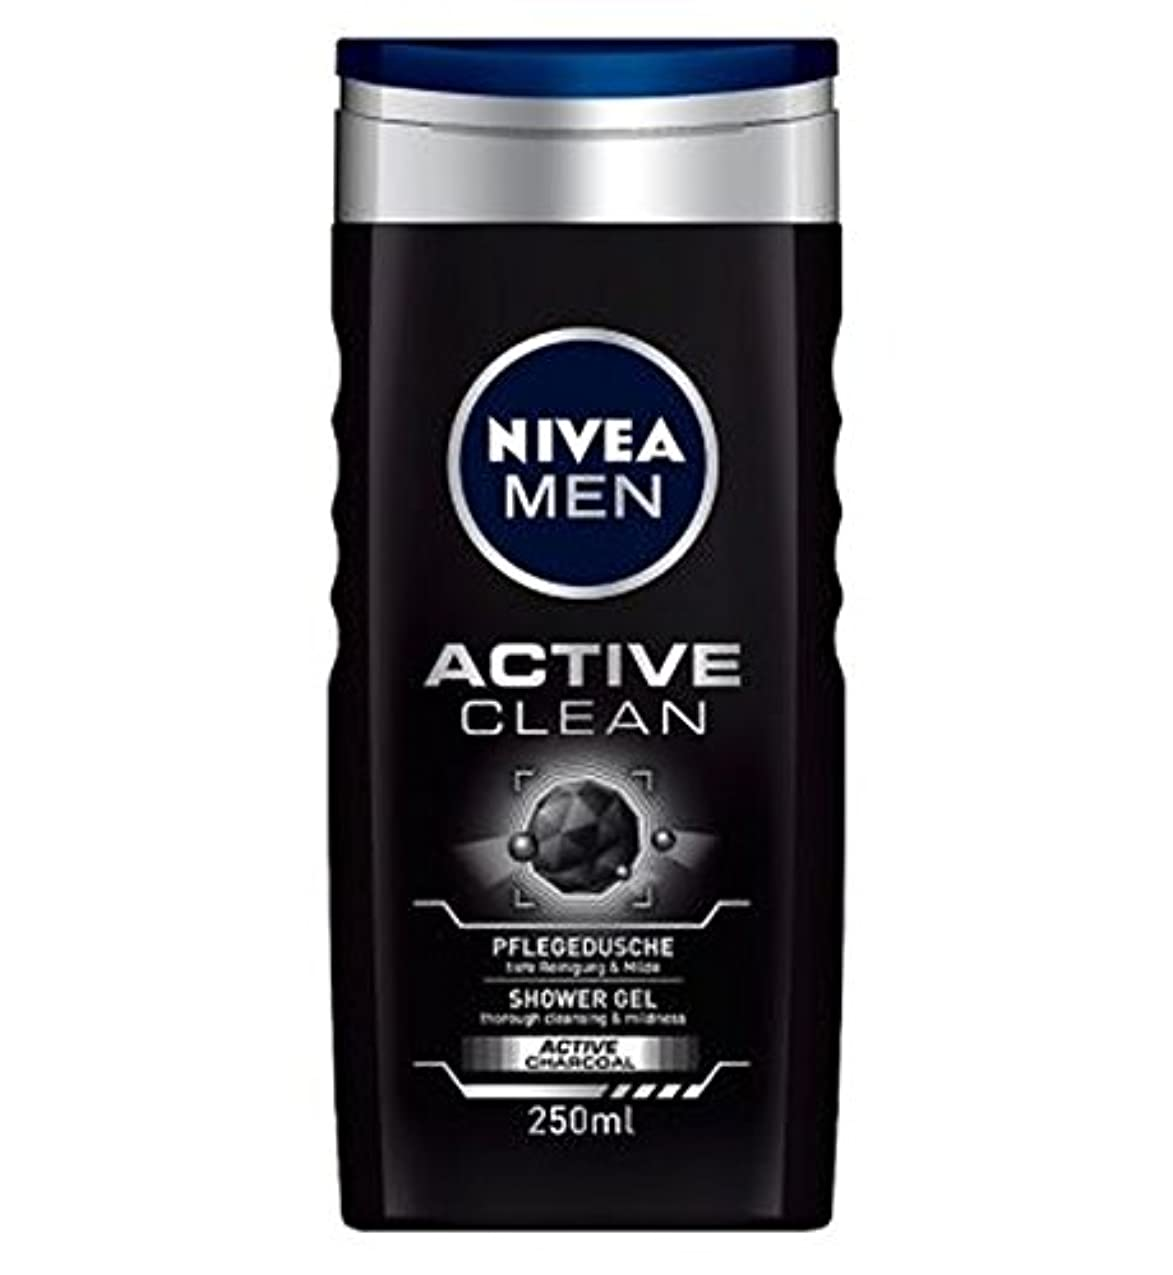 落胆した類似性正しくNIVEA MEN Active Clean Shower Gel 250ml - ニベアの男性アクティブクリーンシャワージェル250ミリリットル (Nivea) [並行輸入品]